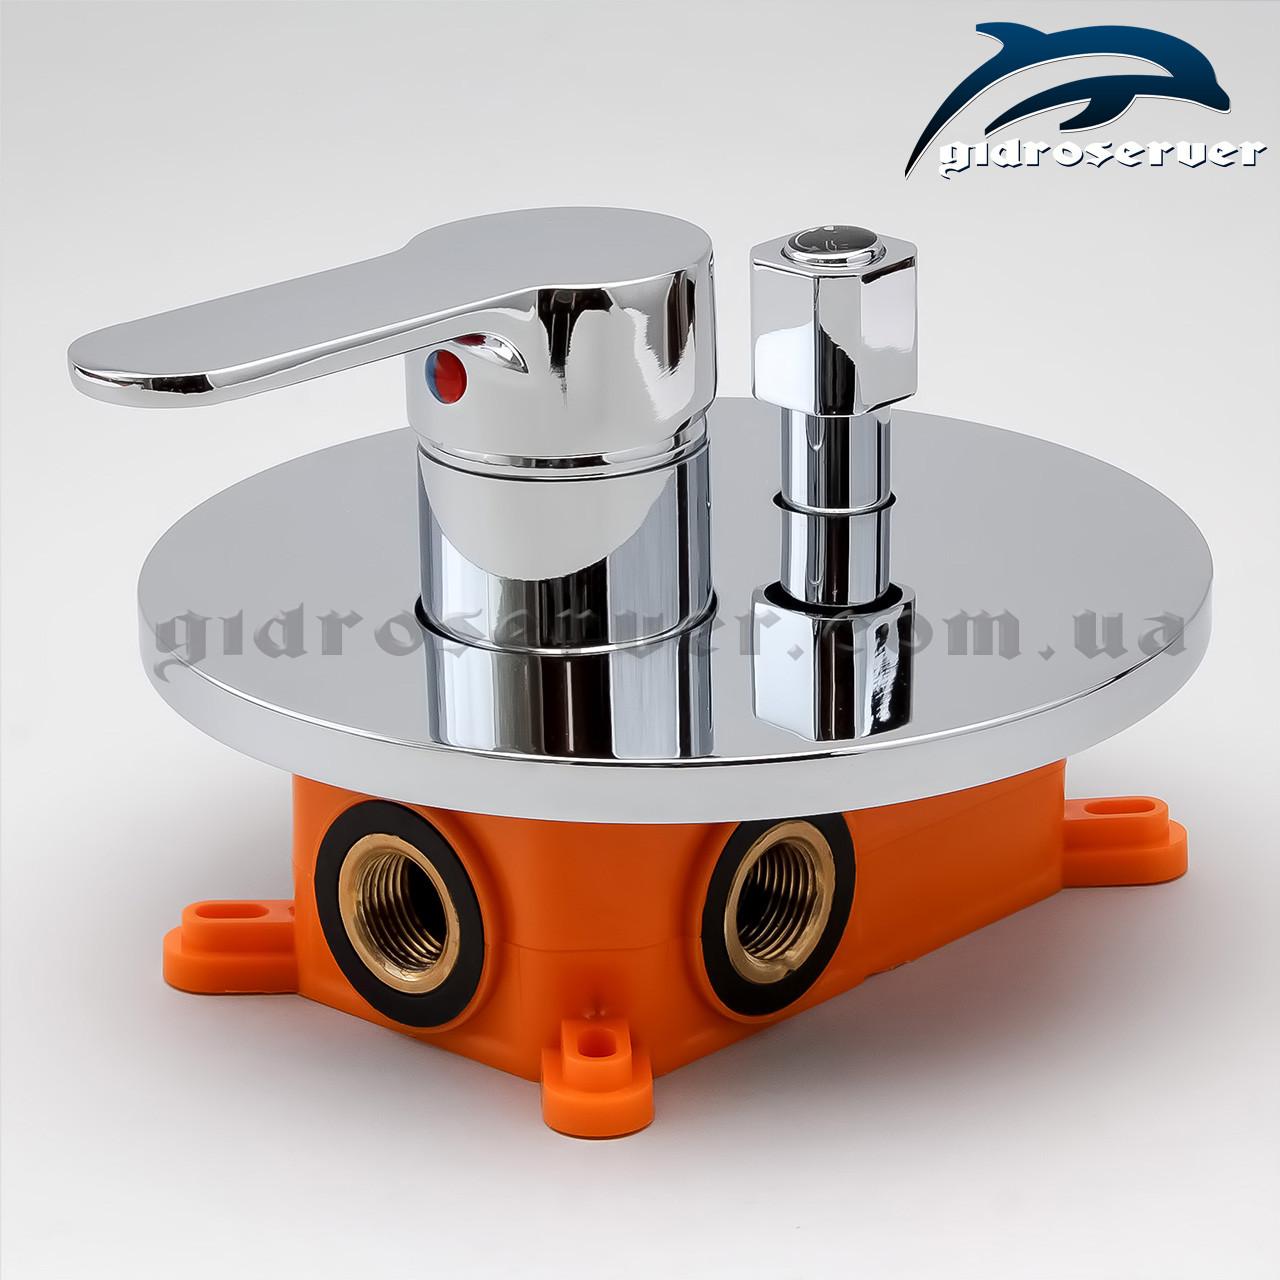 Смеситель скрытого монтажа для душевой системы SVВ-02 с переключателем на 2 положения.